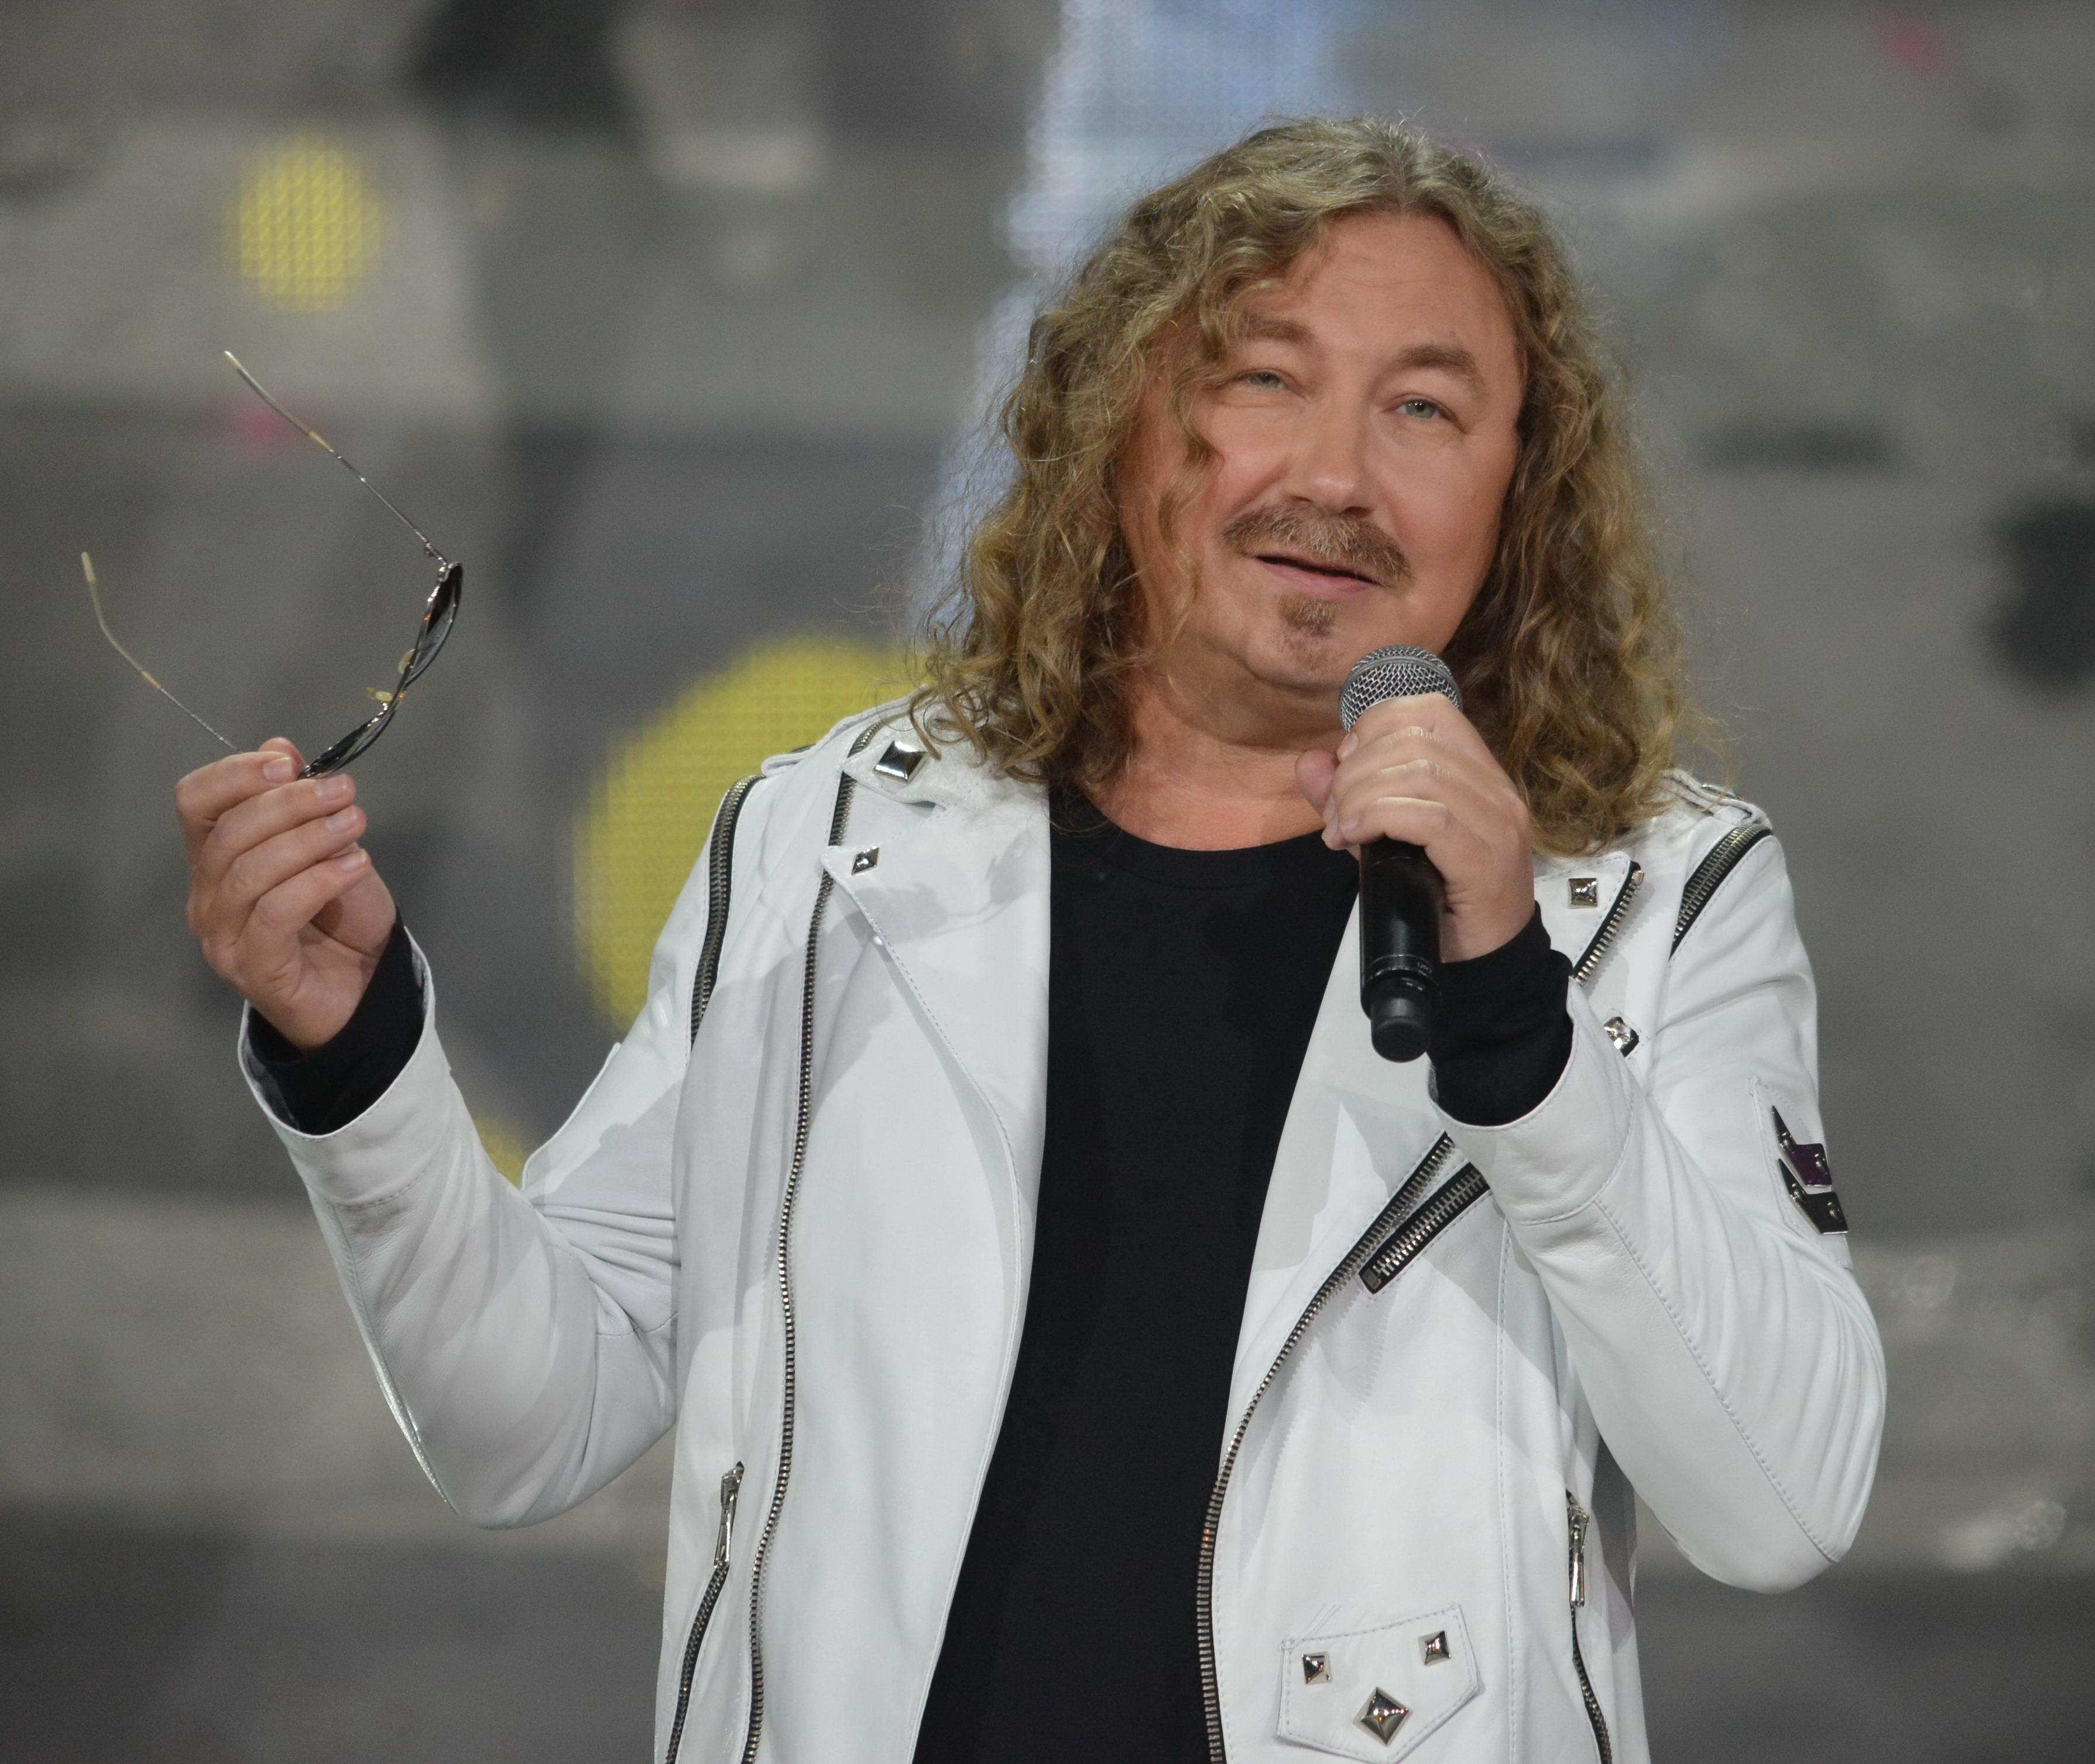 «Почтальон Печкин»: Николаев без волос удивил подписчиков